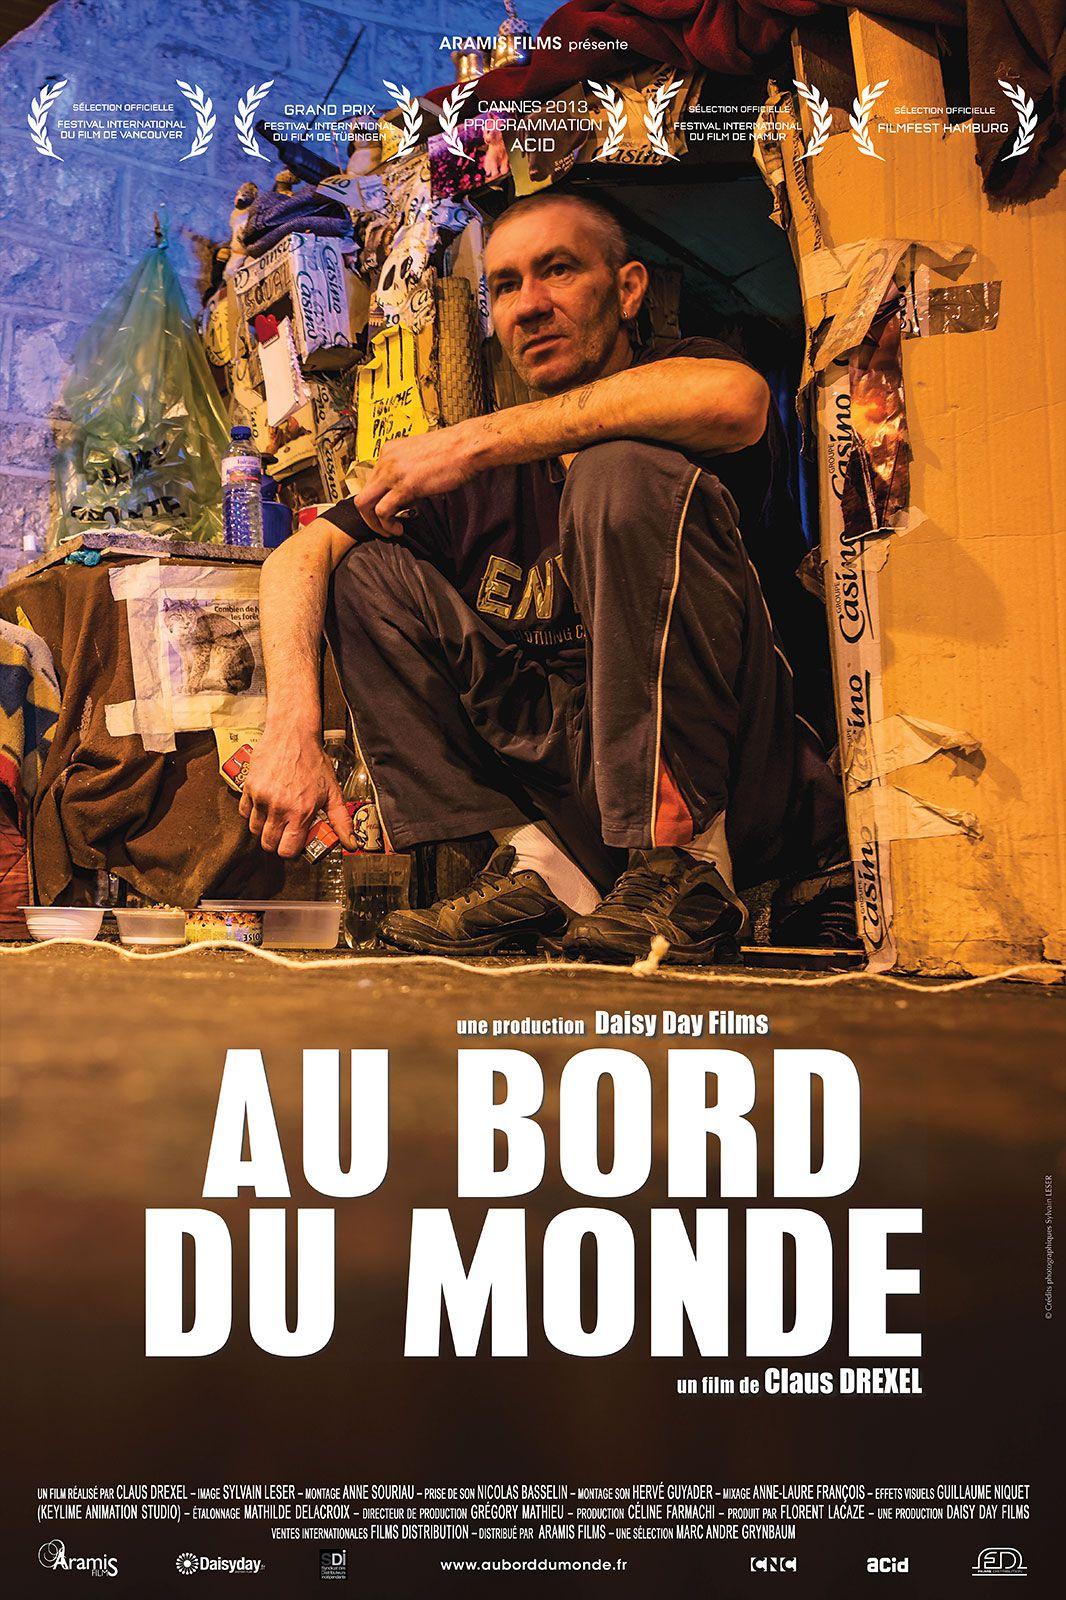 Au bord du monde - Documentaire (2013)